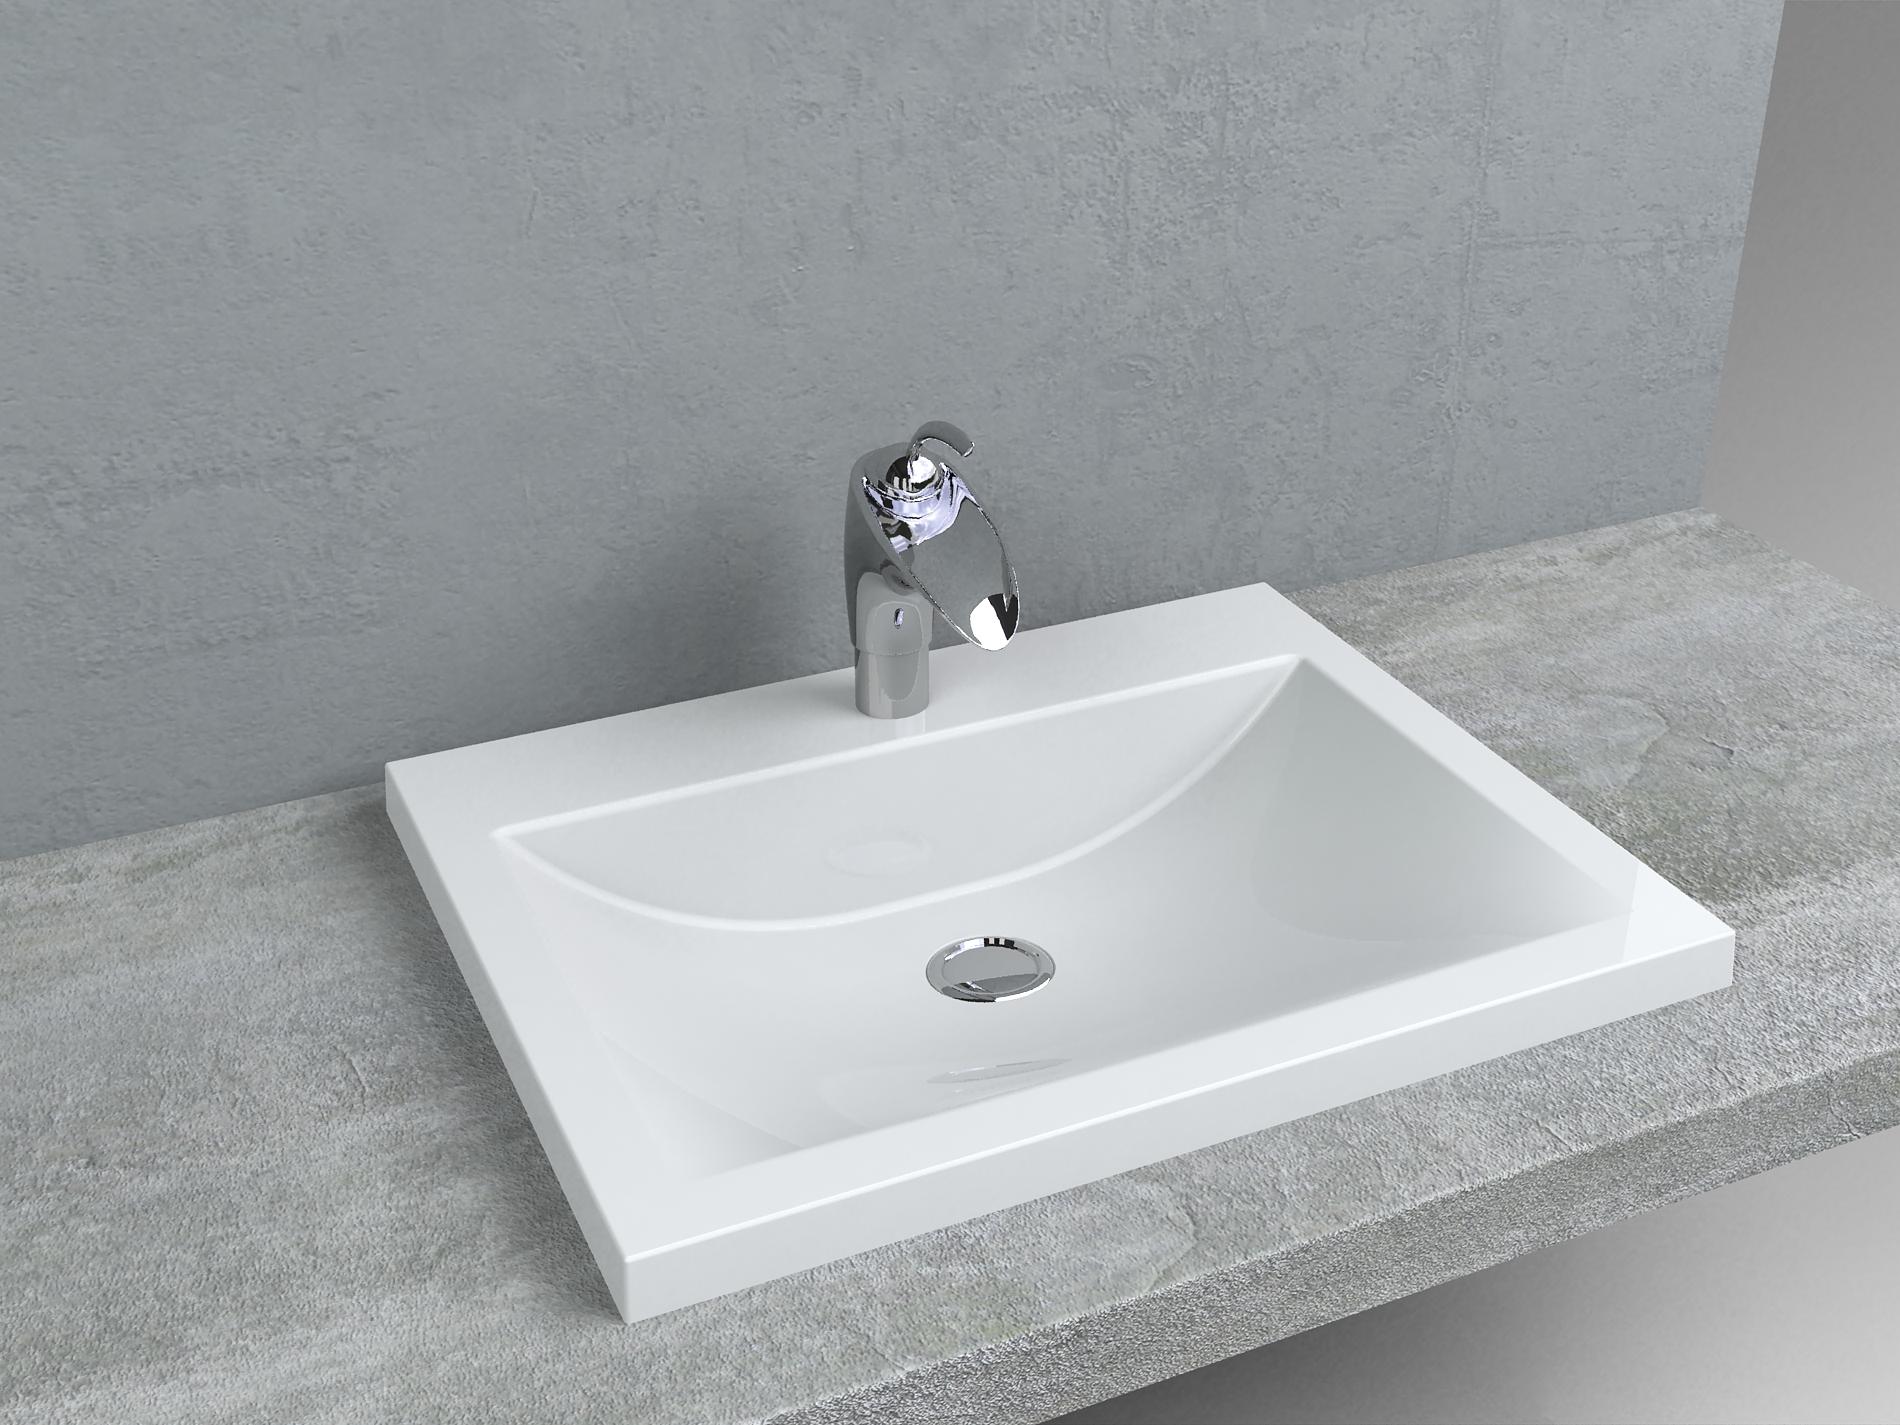 Где и как установить умывальник в ванной комнате?